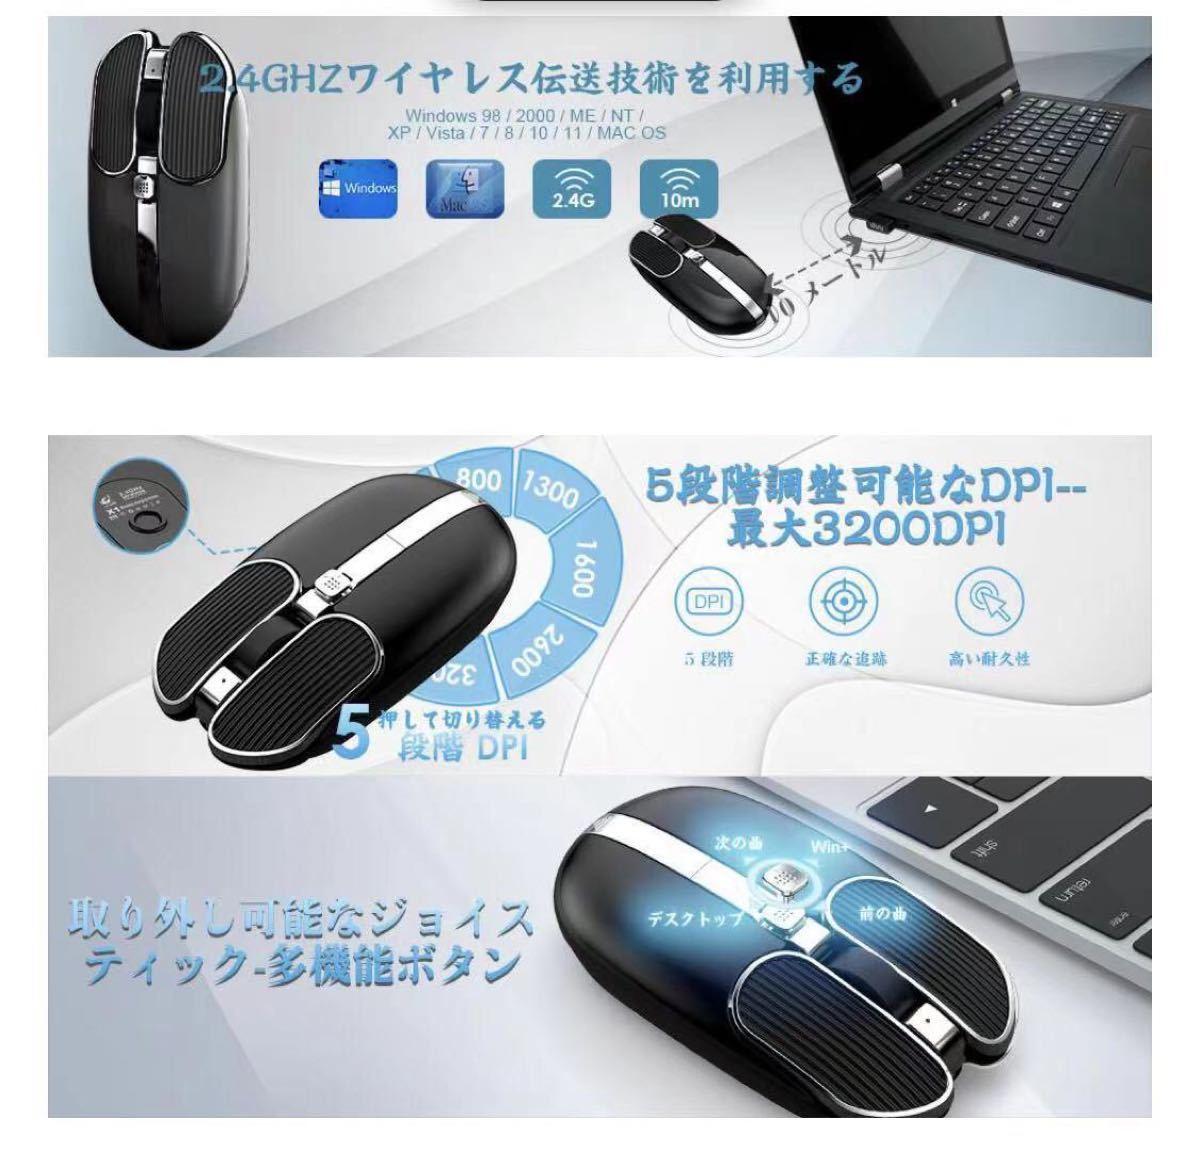 l ワイヤレスマウスpixart無線8ボタン3200DPI充電式光学式高精度